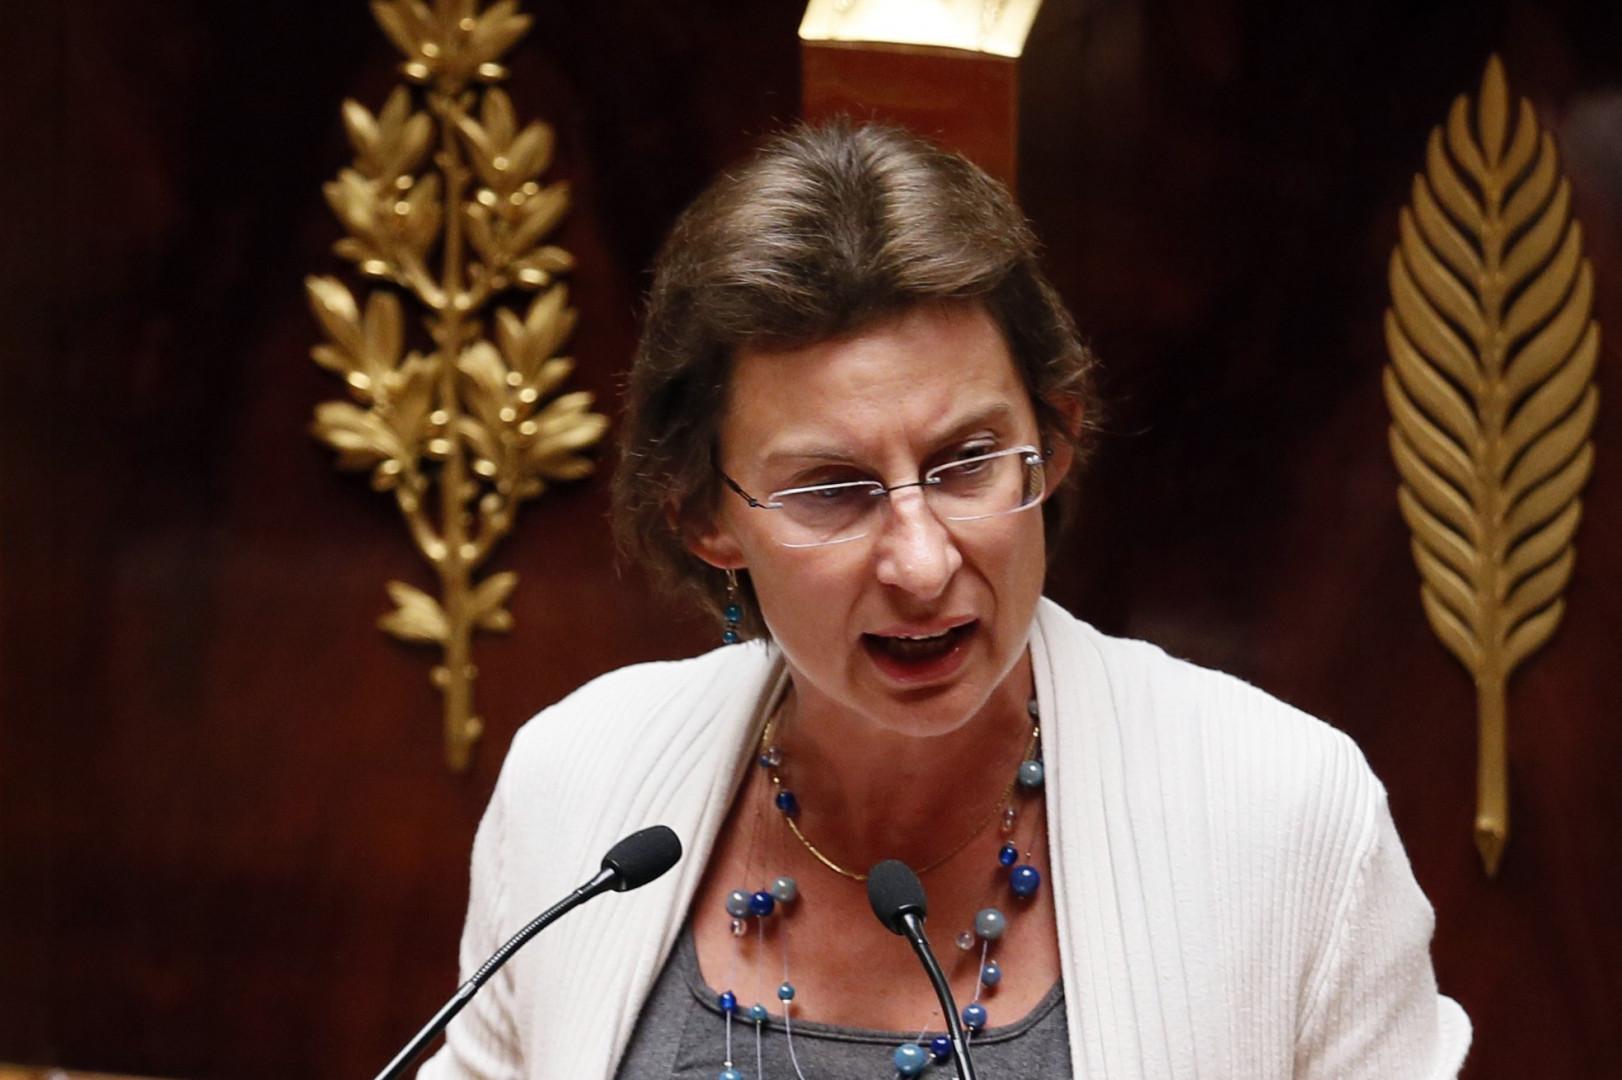 Clotilde Valter, secrétaire d'État chargée de la Formation professionnelle et de l'Apprentissage.